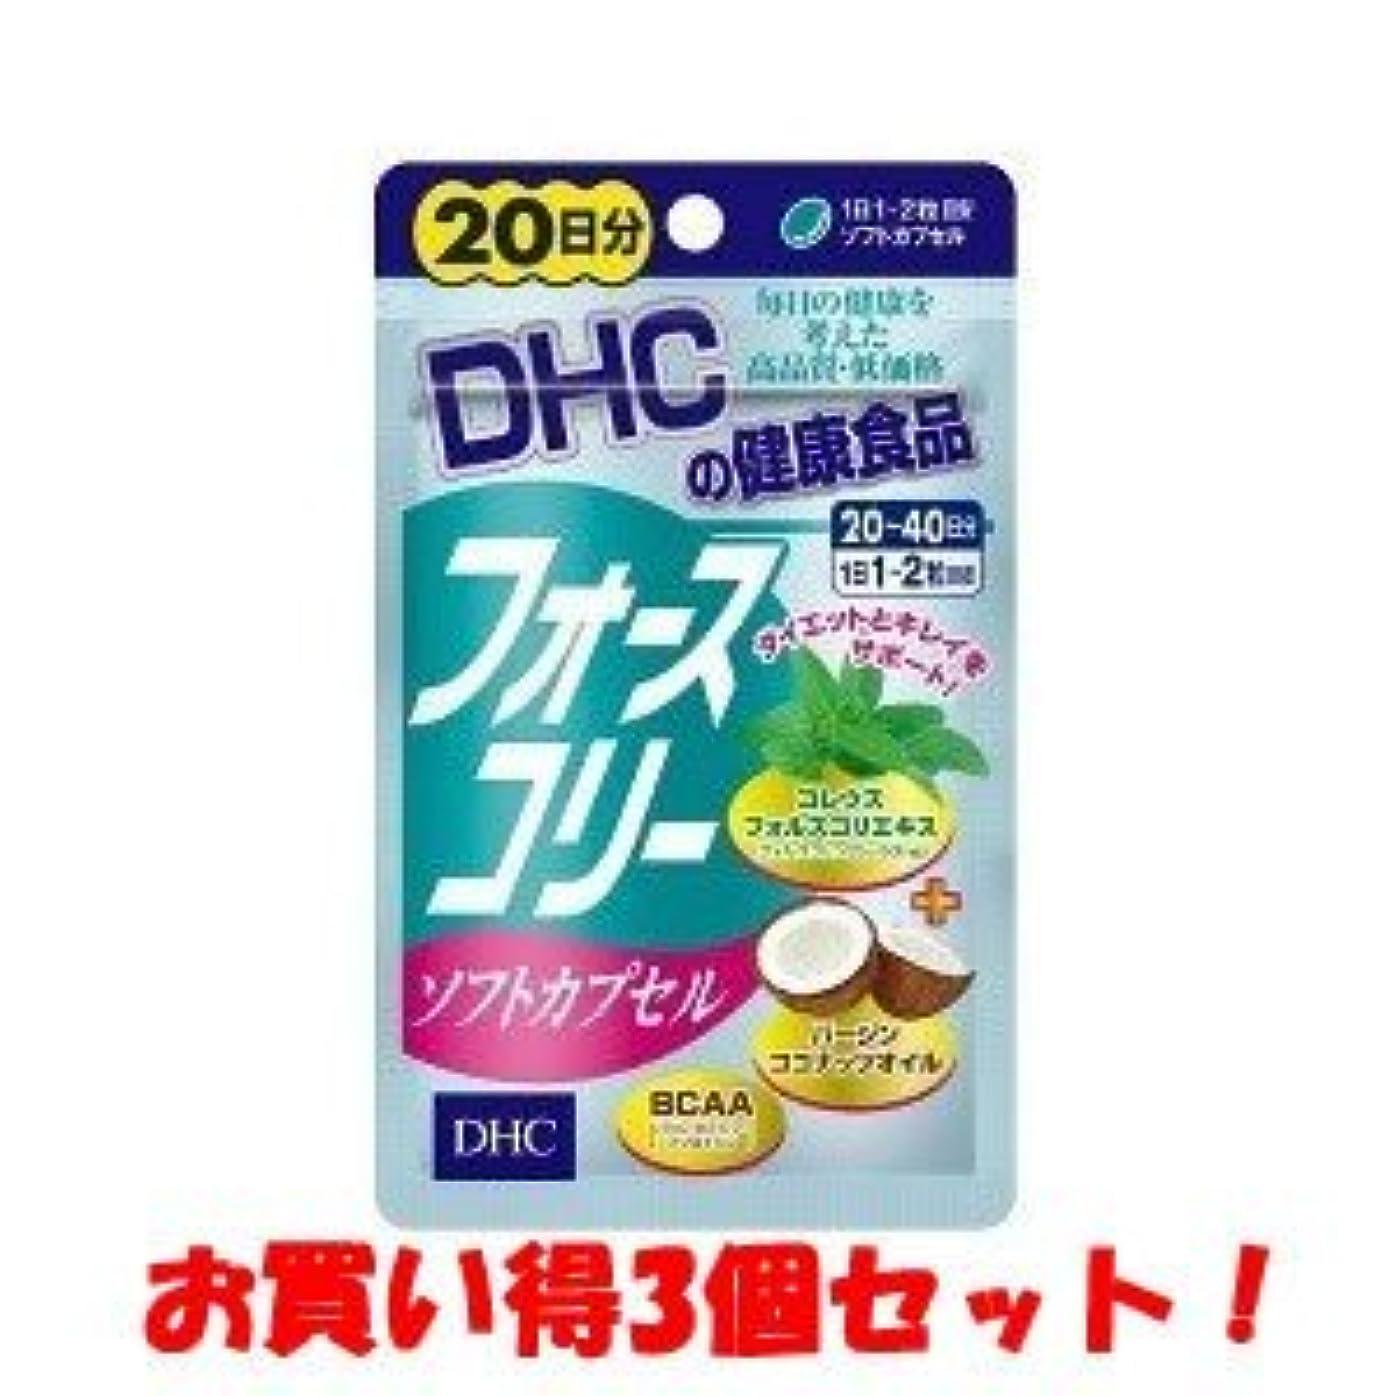 つなぐ熱心甘い(2017年春の新商品)DHC フォースコリー ソフトカプセル 20日分 40粒(お買い得3個セット)